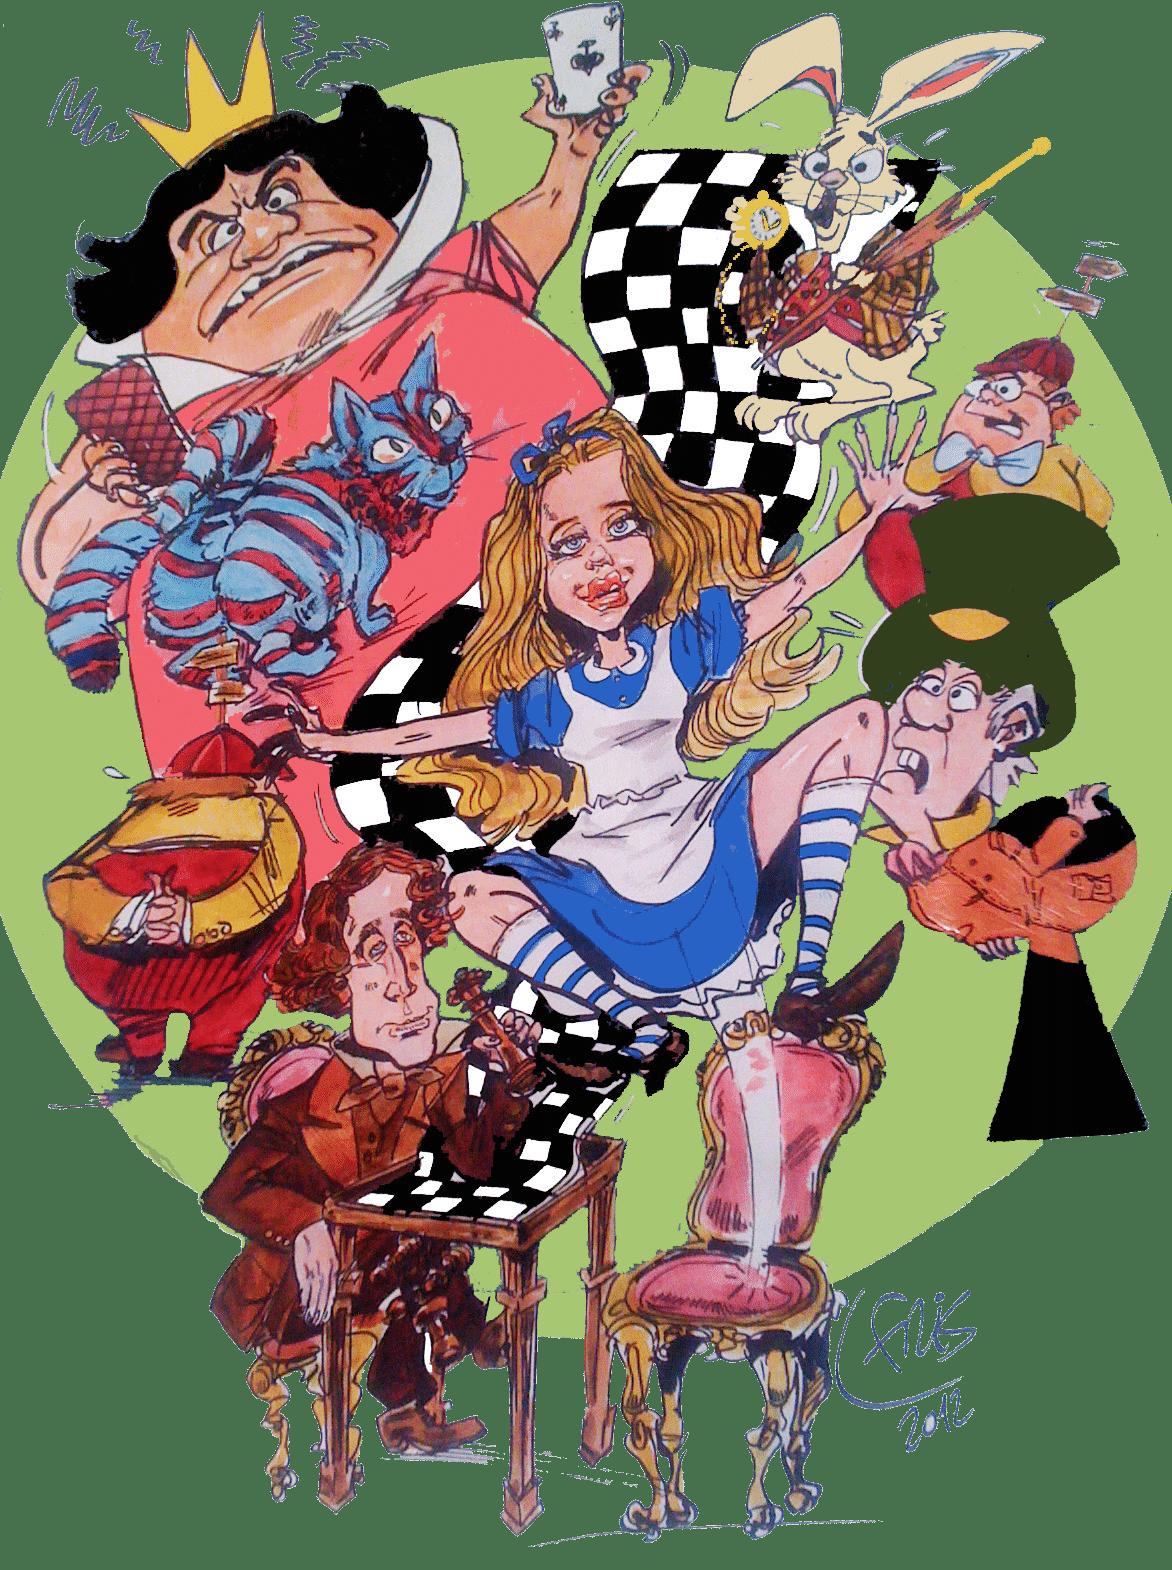 Dessin original de Fris, une composition style BD sur la thématique d'Alice au pays des merveilles